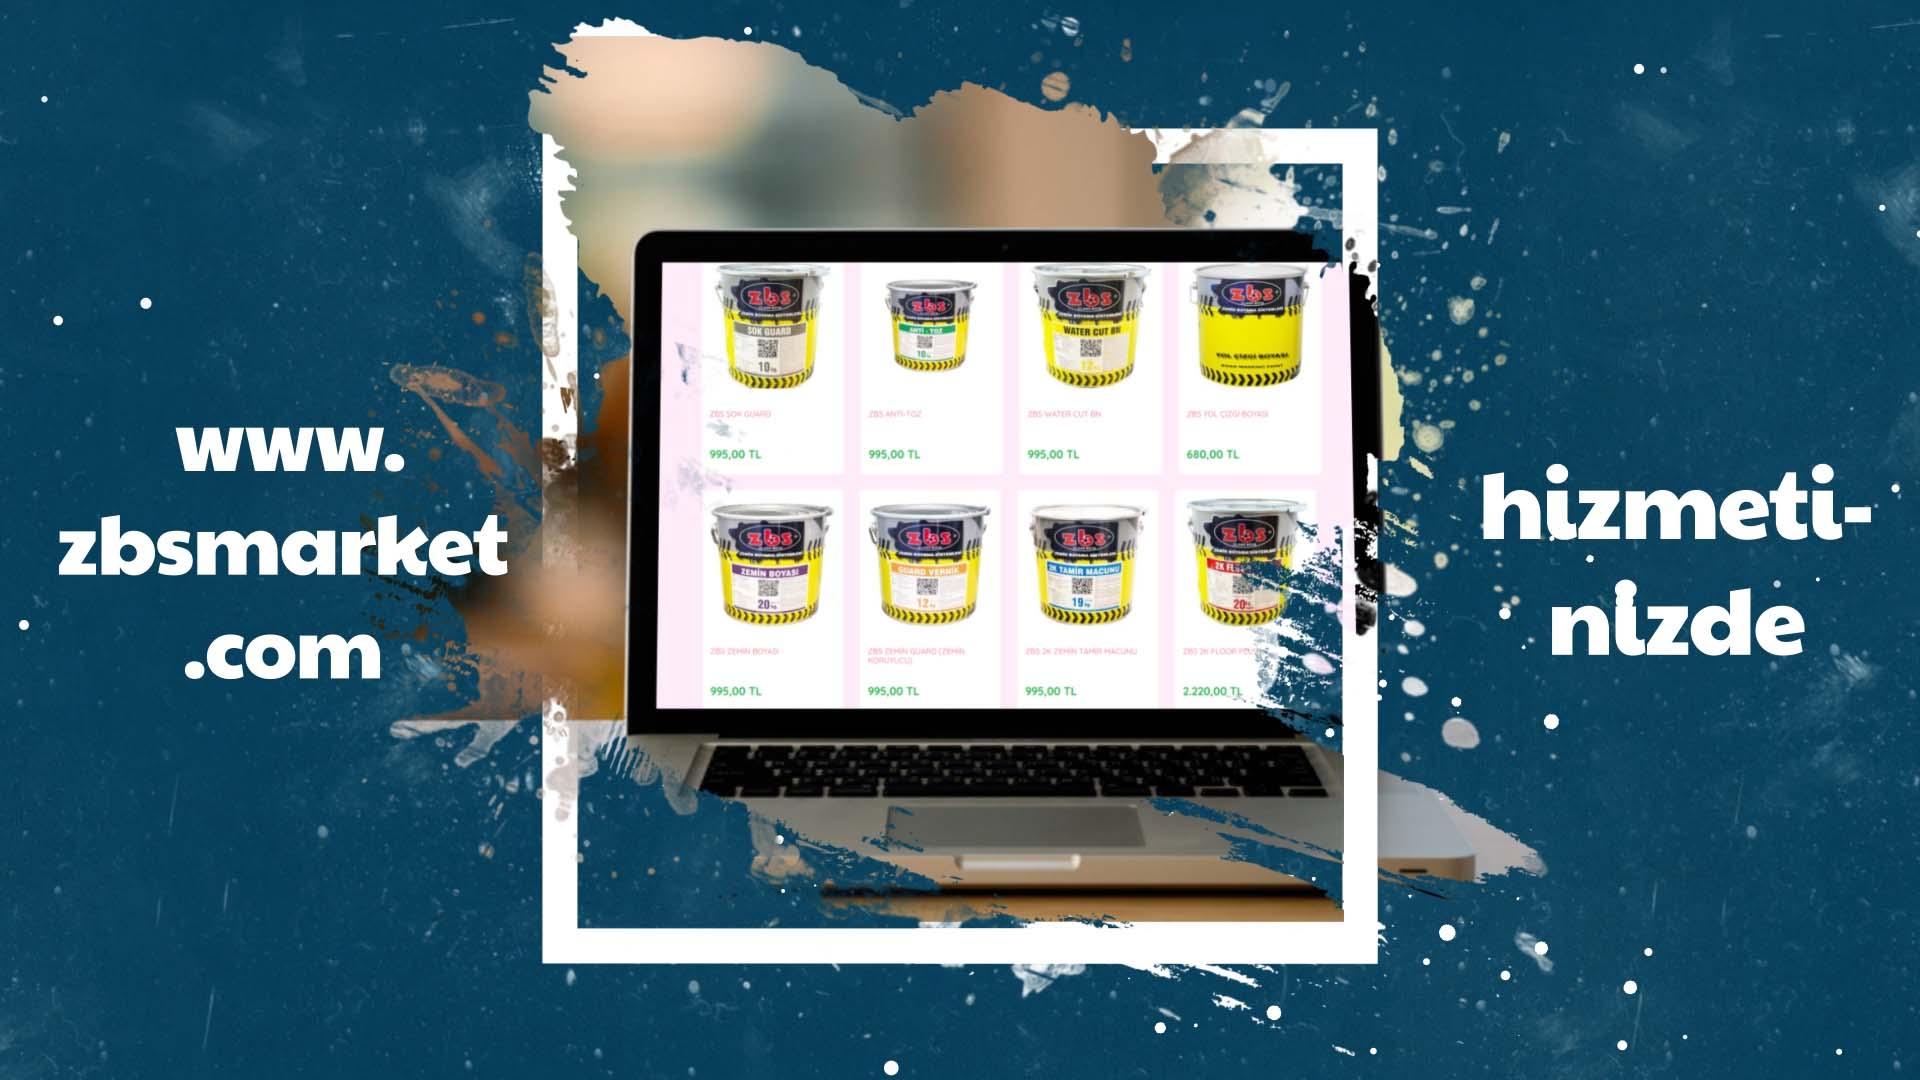 www.zbsmarket.com online satış sitemizde, kredi kartına taksit imlanlarıyla, Fabrikamızdan ücretsiz kargo ile kapınıza kadar teslim ediyoruz. Hemen tıklayın ve alışverişe başlayın.